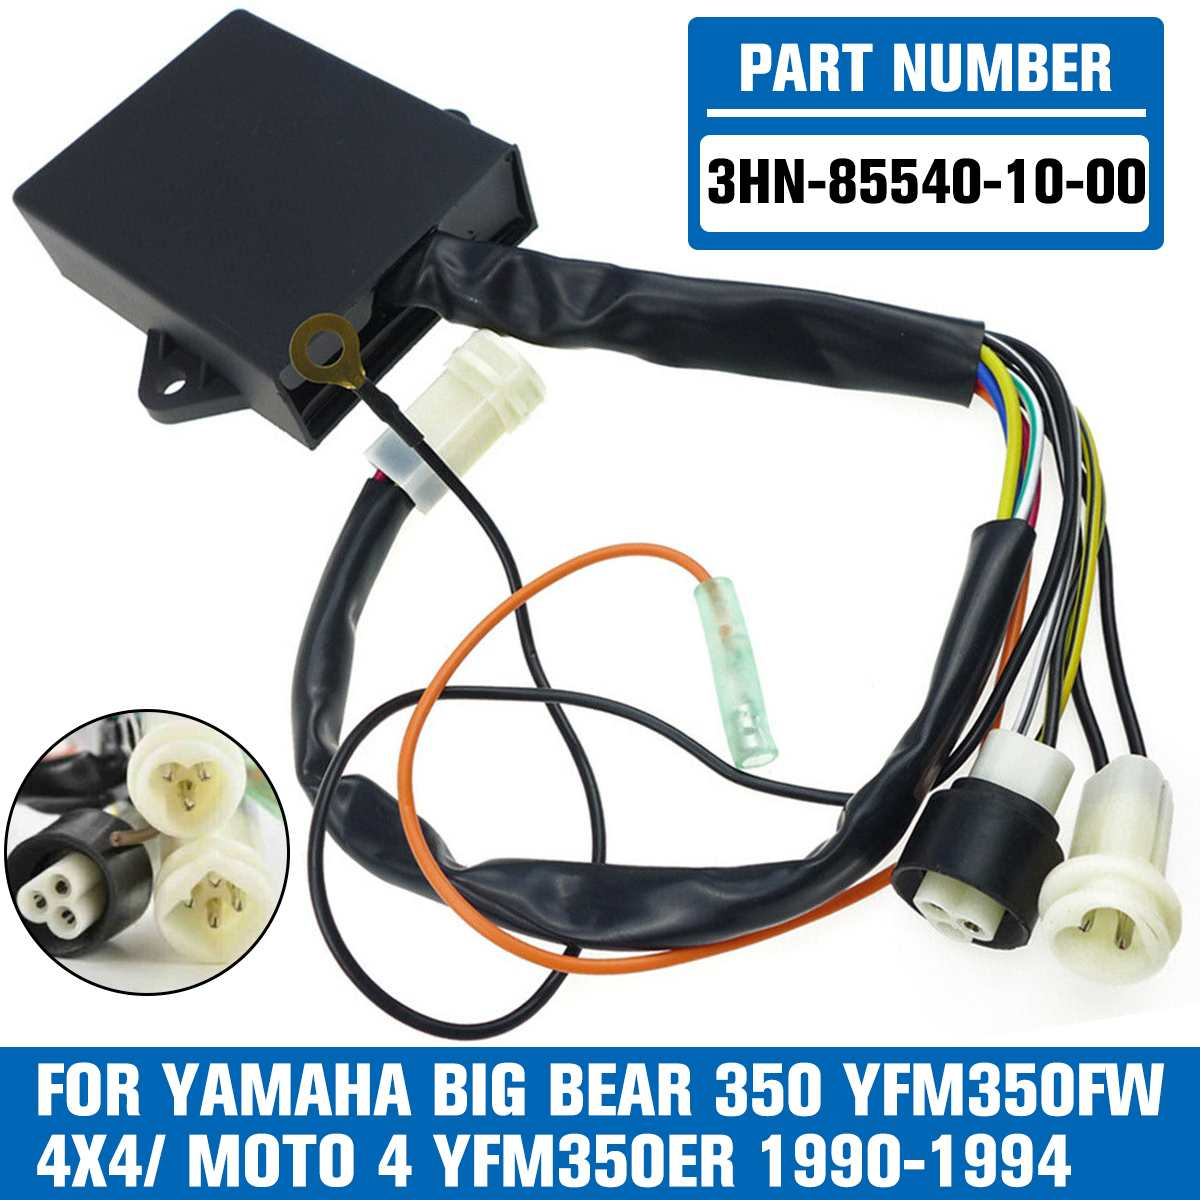 صندوق إشعال السيارة عالي الأداء CDI ، مناسب لـ Yamaha YFM 350 ، Big Bear Moto 4 YFM350 3hn-855 40-10-00 ، قطع غيار الدراجات النارية